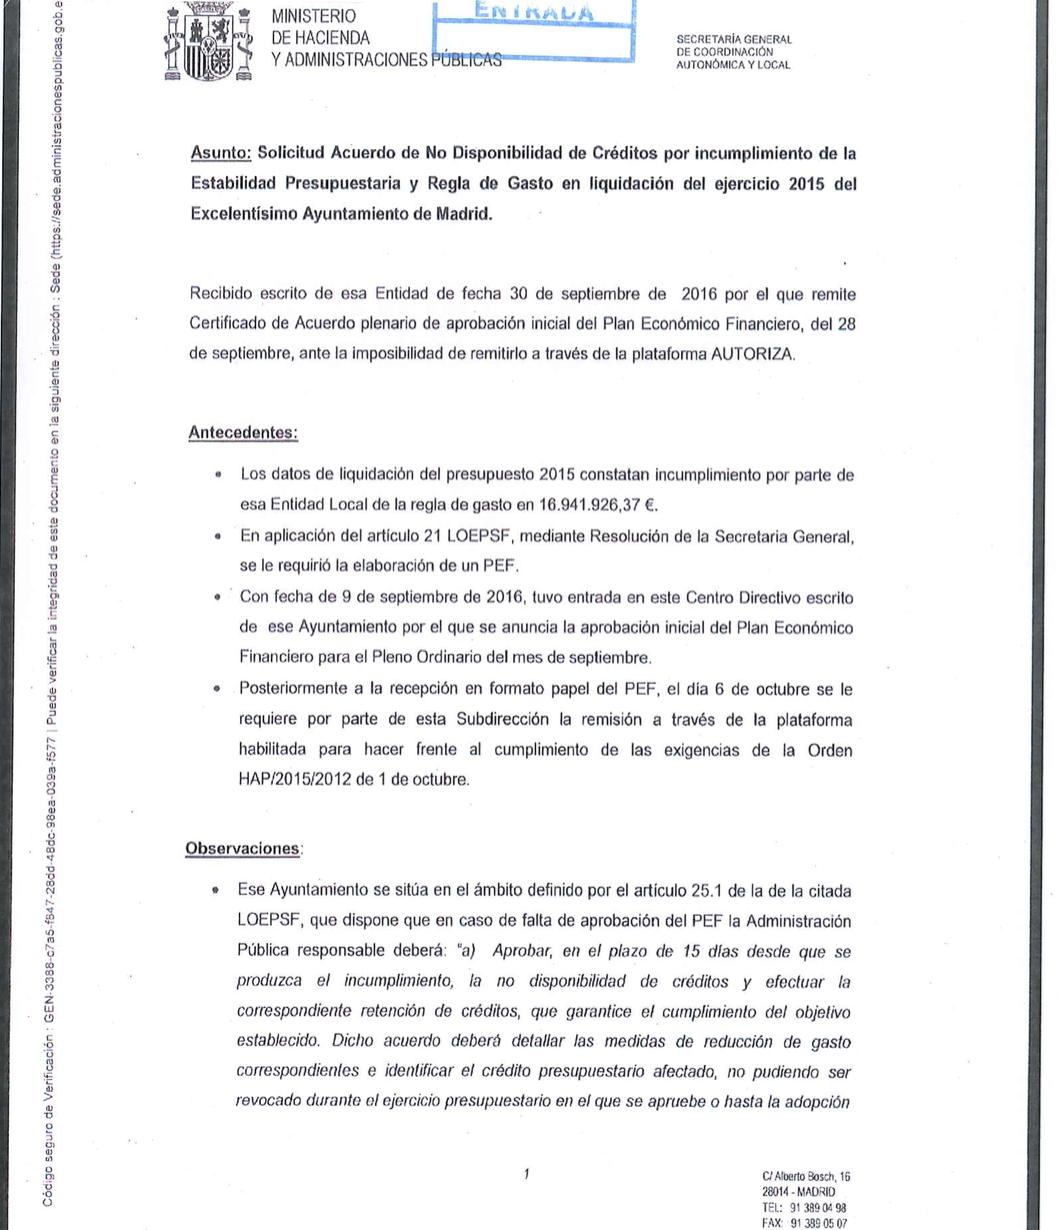 HACIENDA-CARTA-1.png